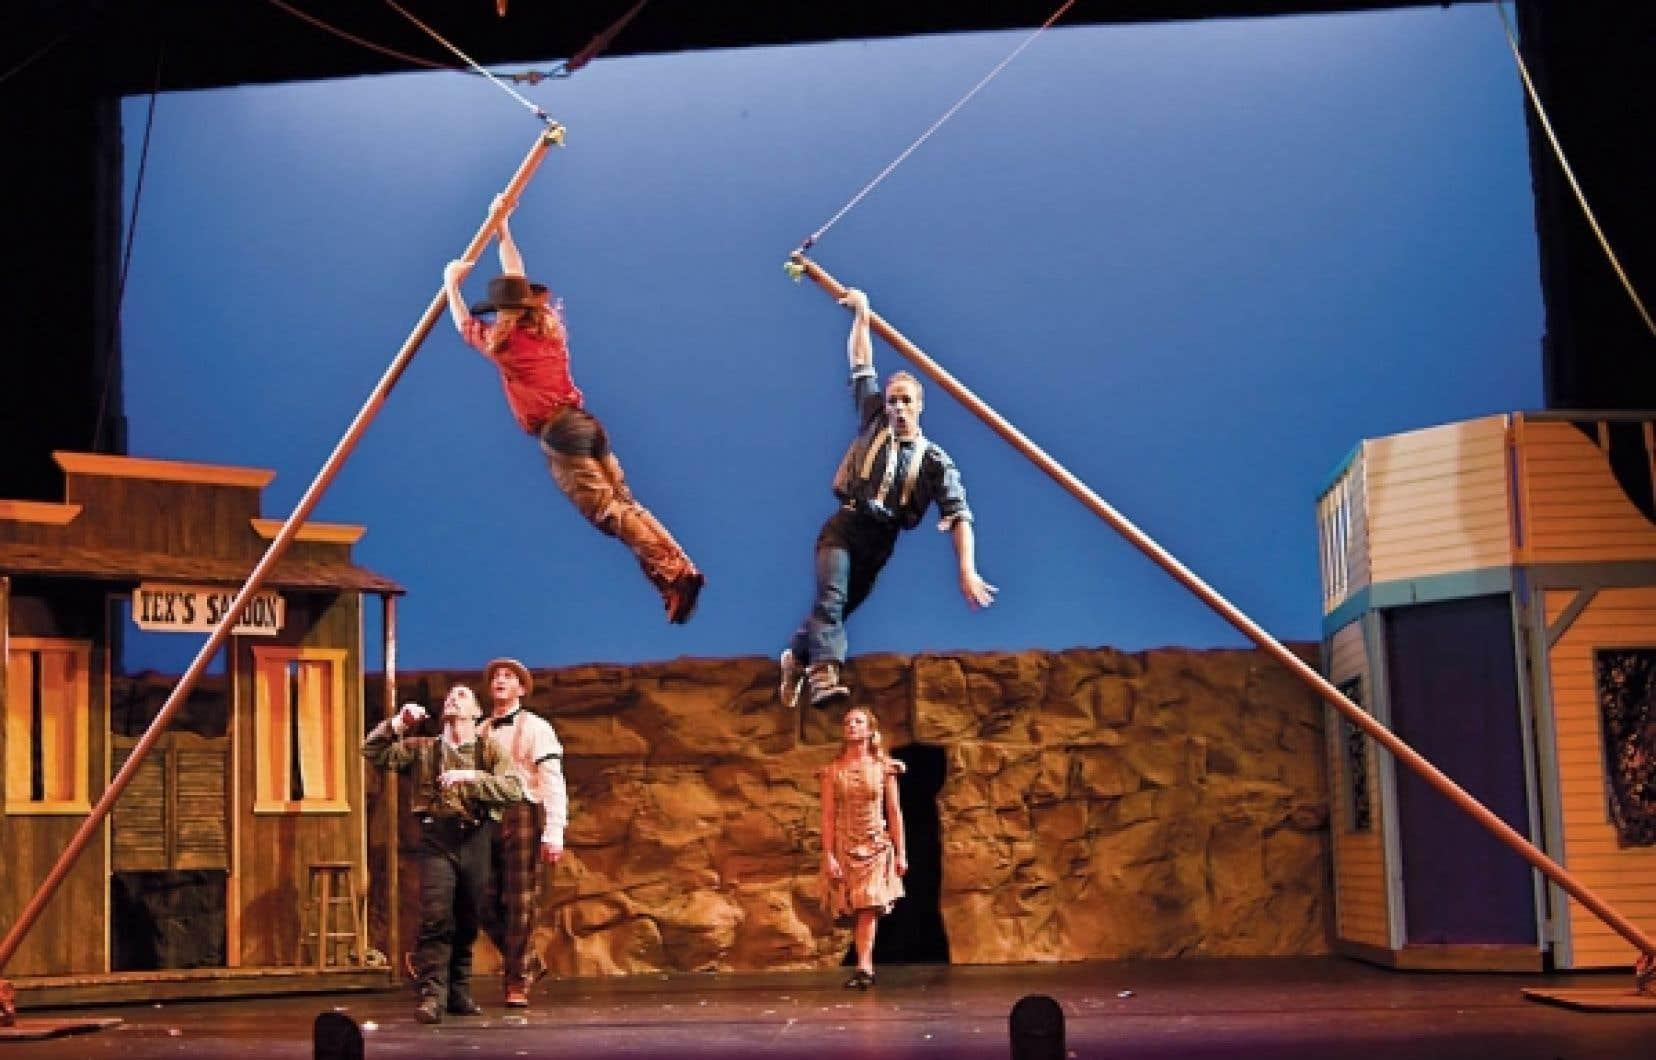 Le Cirque Mechanics, qui avait présenté <em>Birdhouse Factory</em> à La Tohu il y a deux ans. <br />